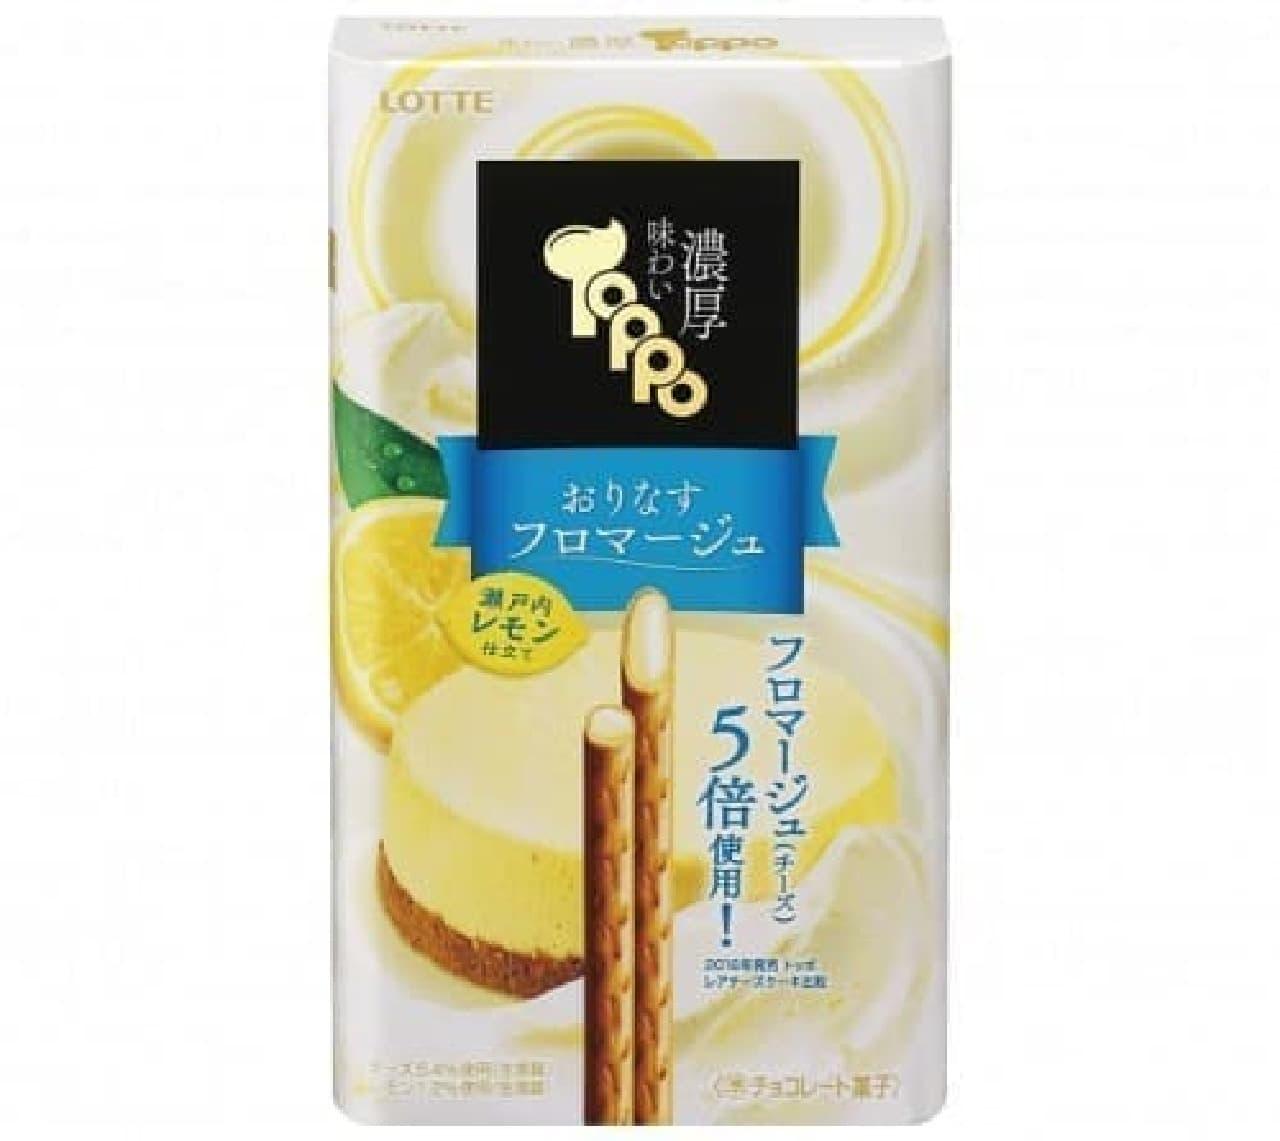 ロッテ「味わい濃厚トッポ<おりなすフロマージュ~瀬戸内レモン仕立て~>」